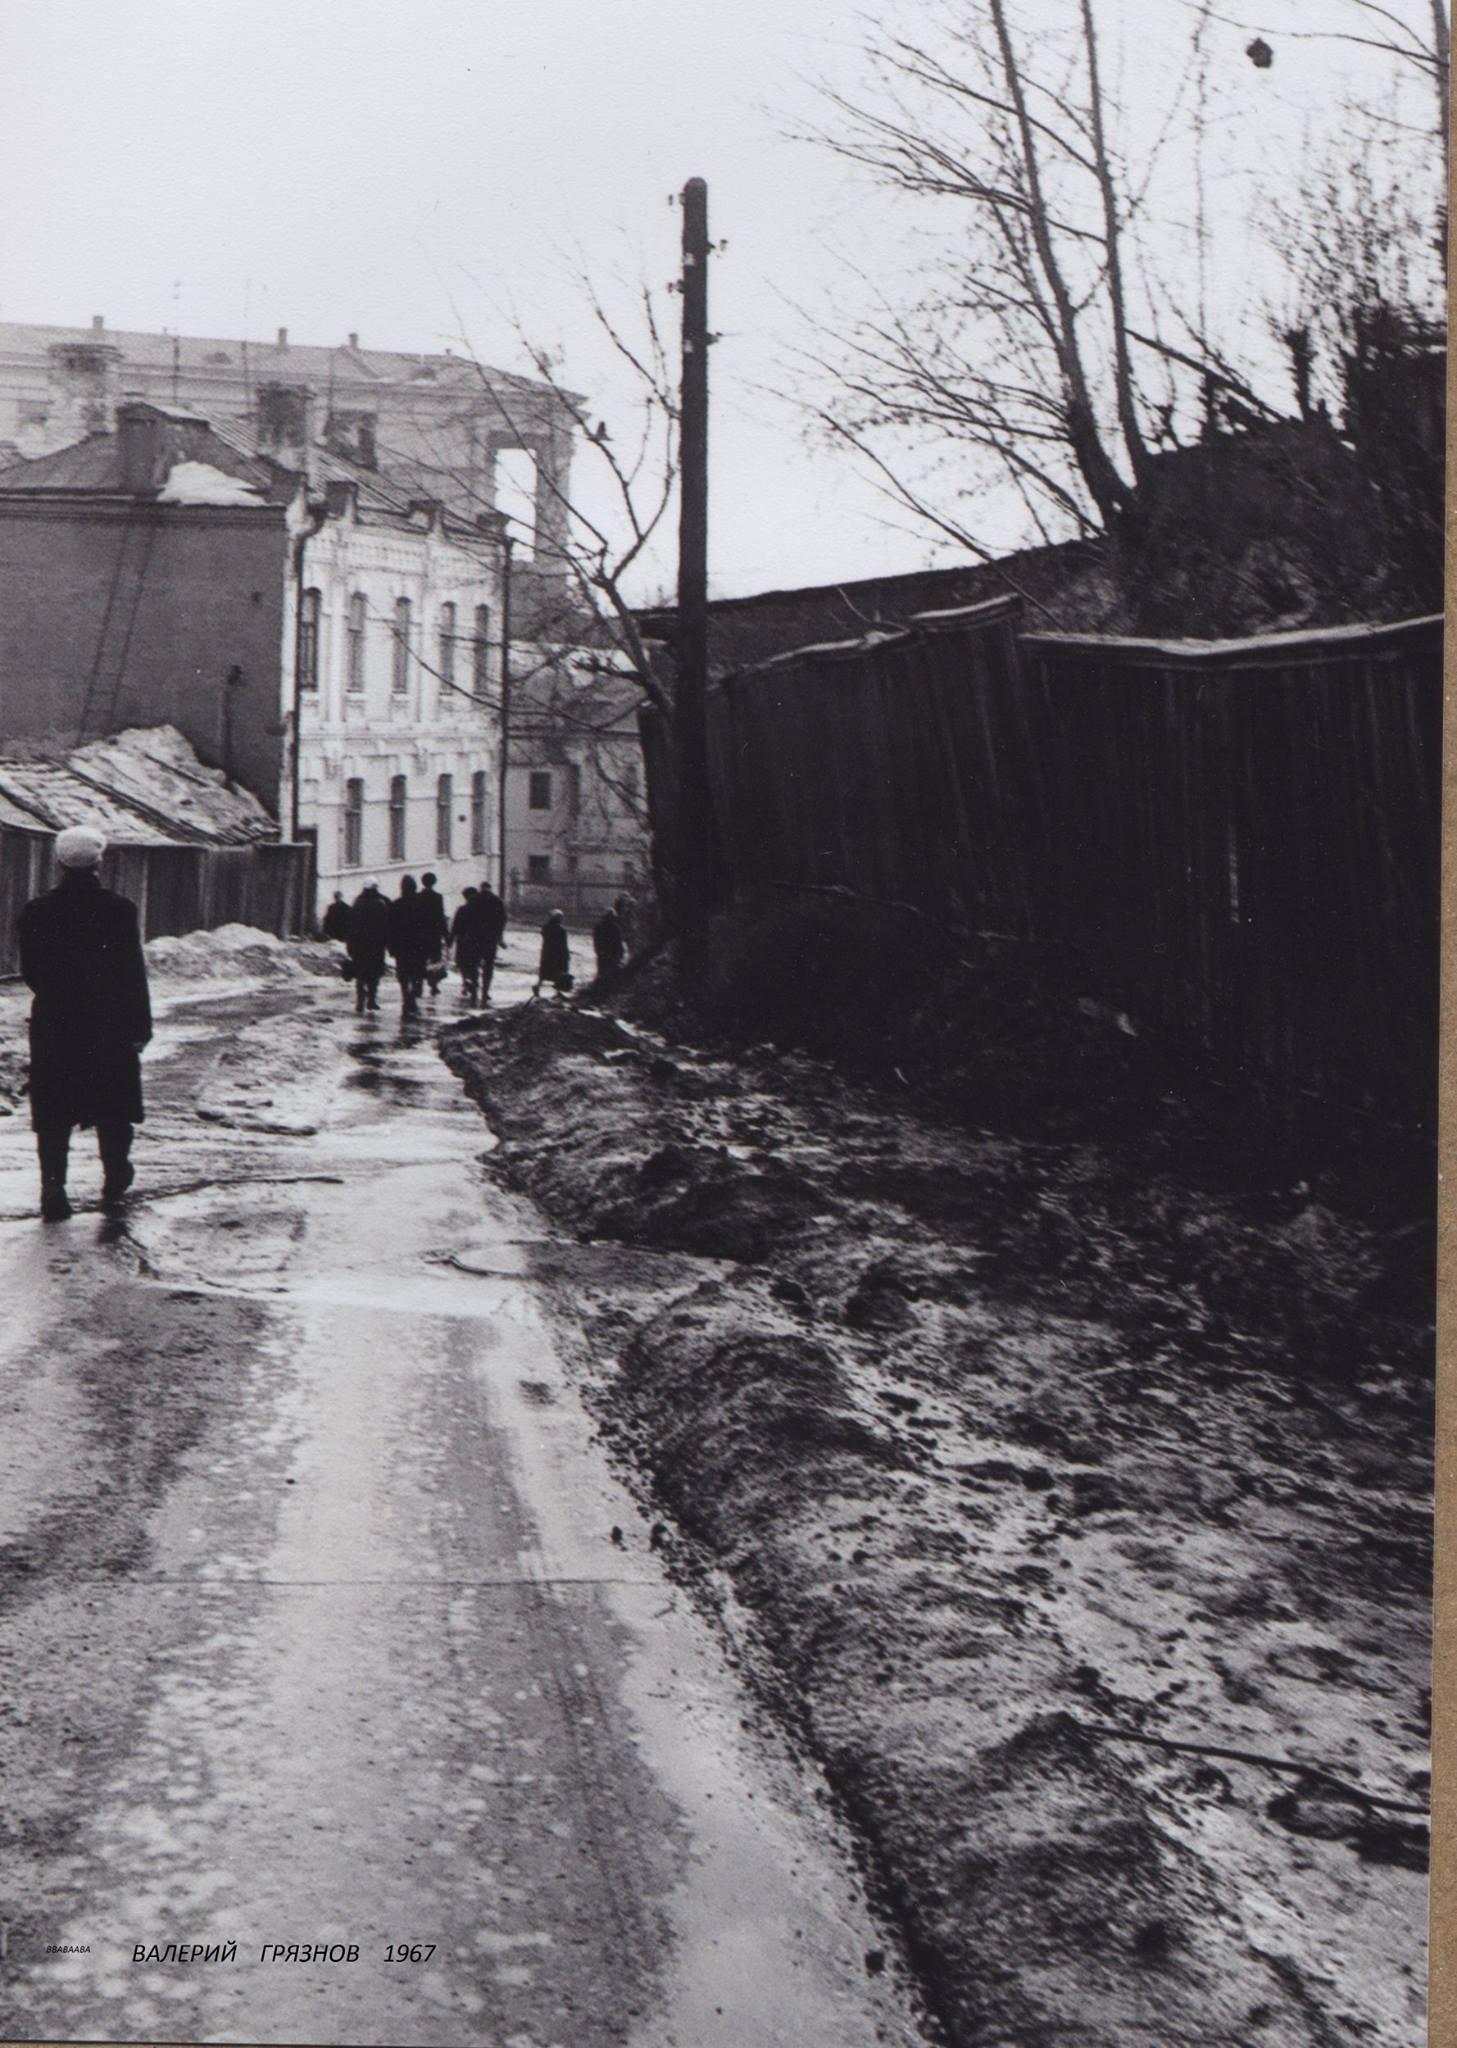 1967. Сад Эрмитаж, Кочетов переулок, весна